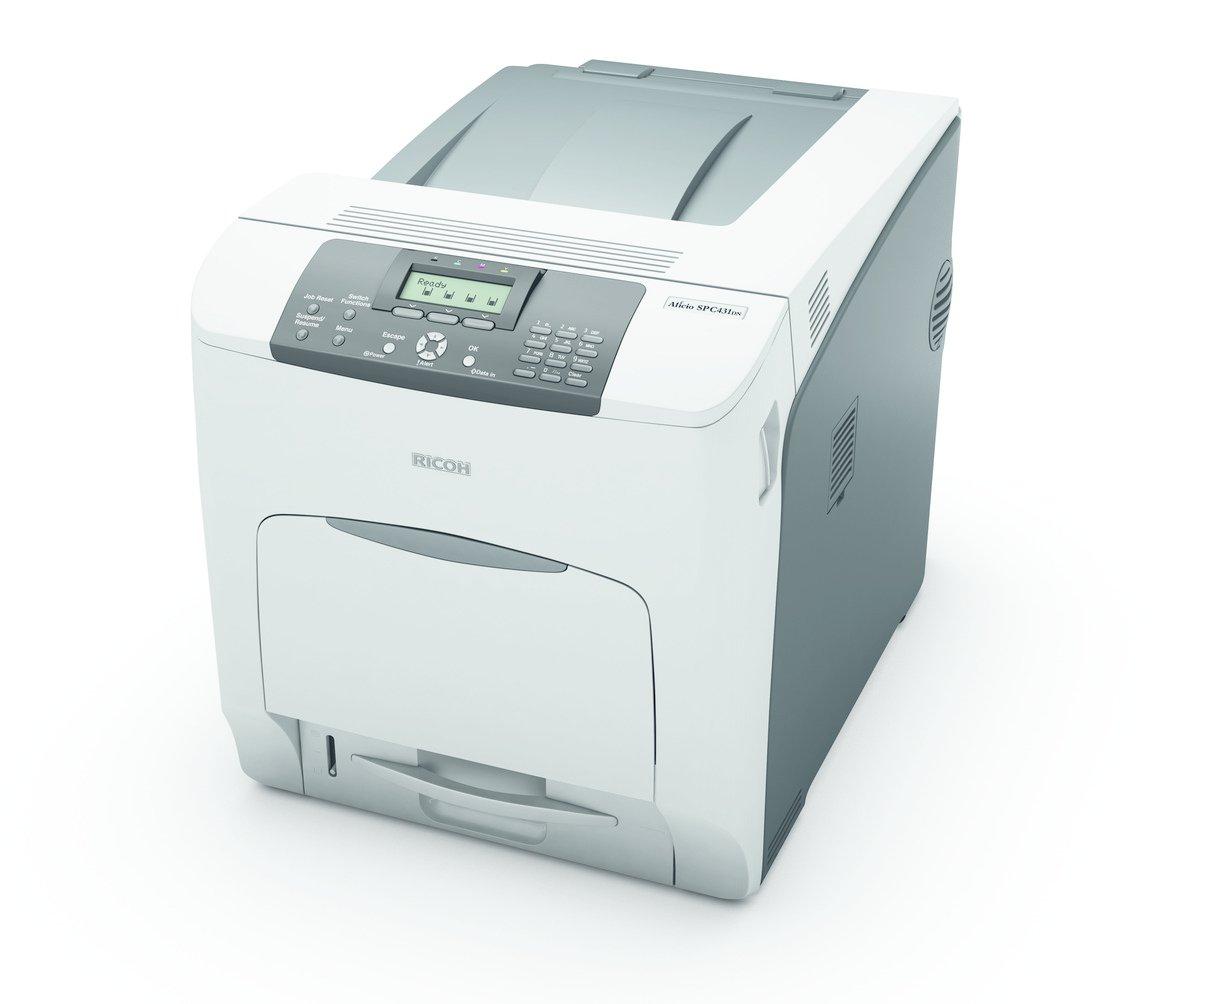 Ricoh Aficio SP C 431 DN - Impresora Láser Color: Amazon.es ...